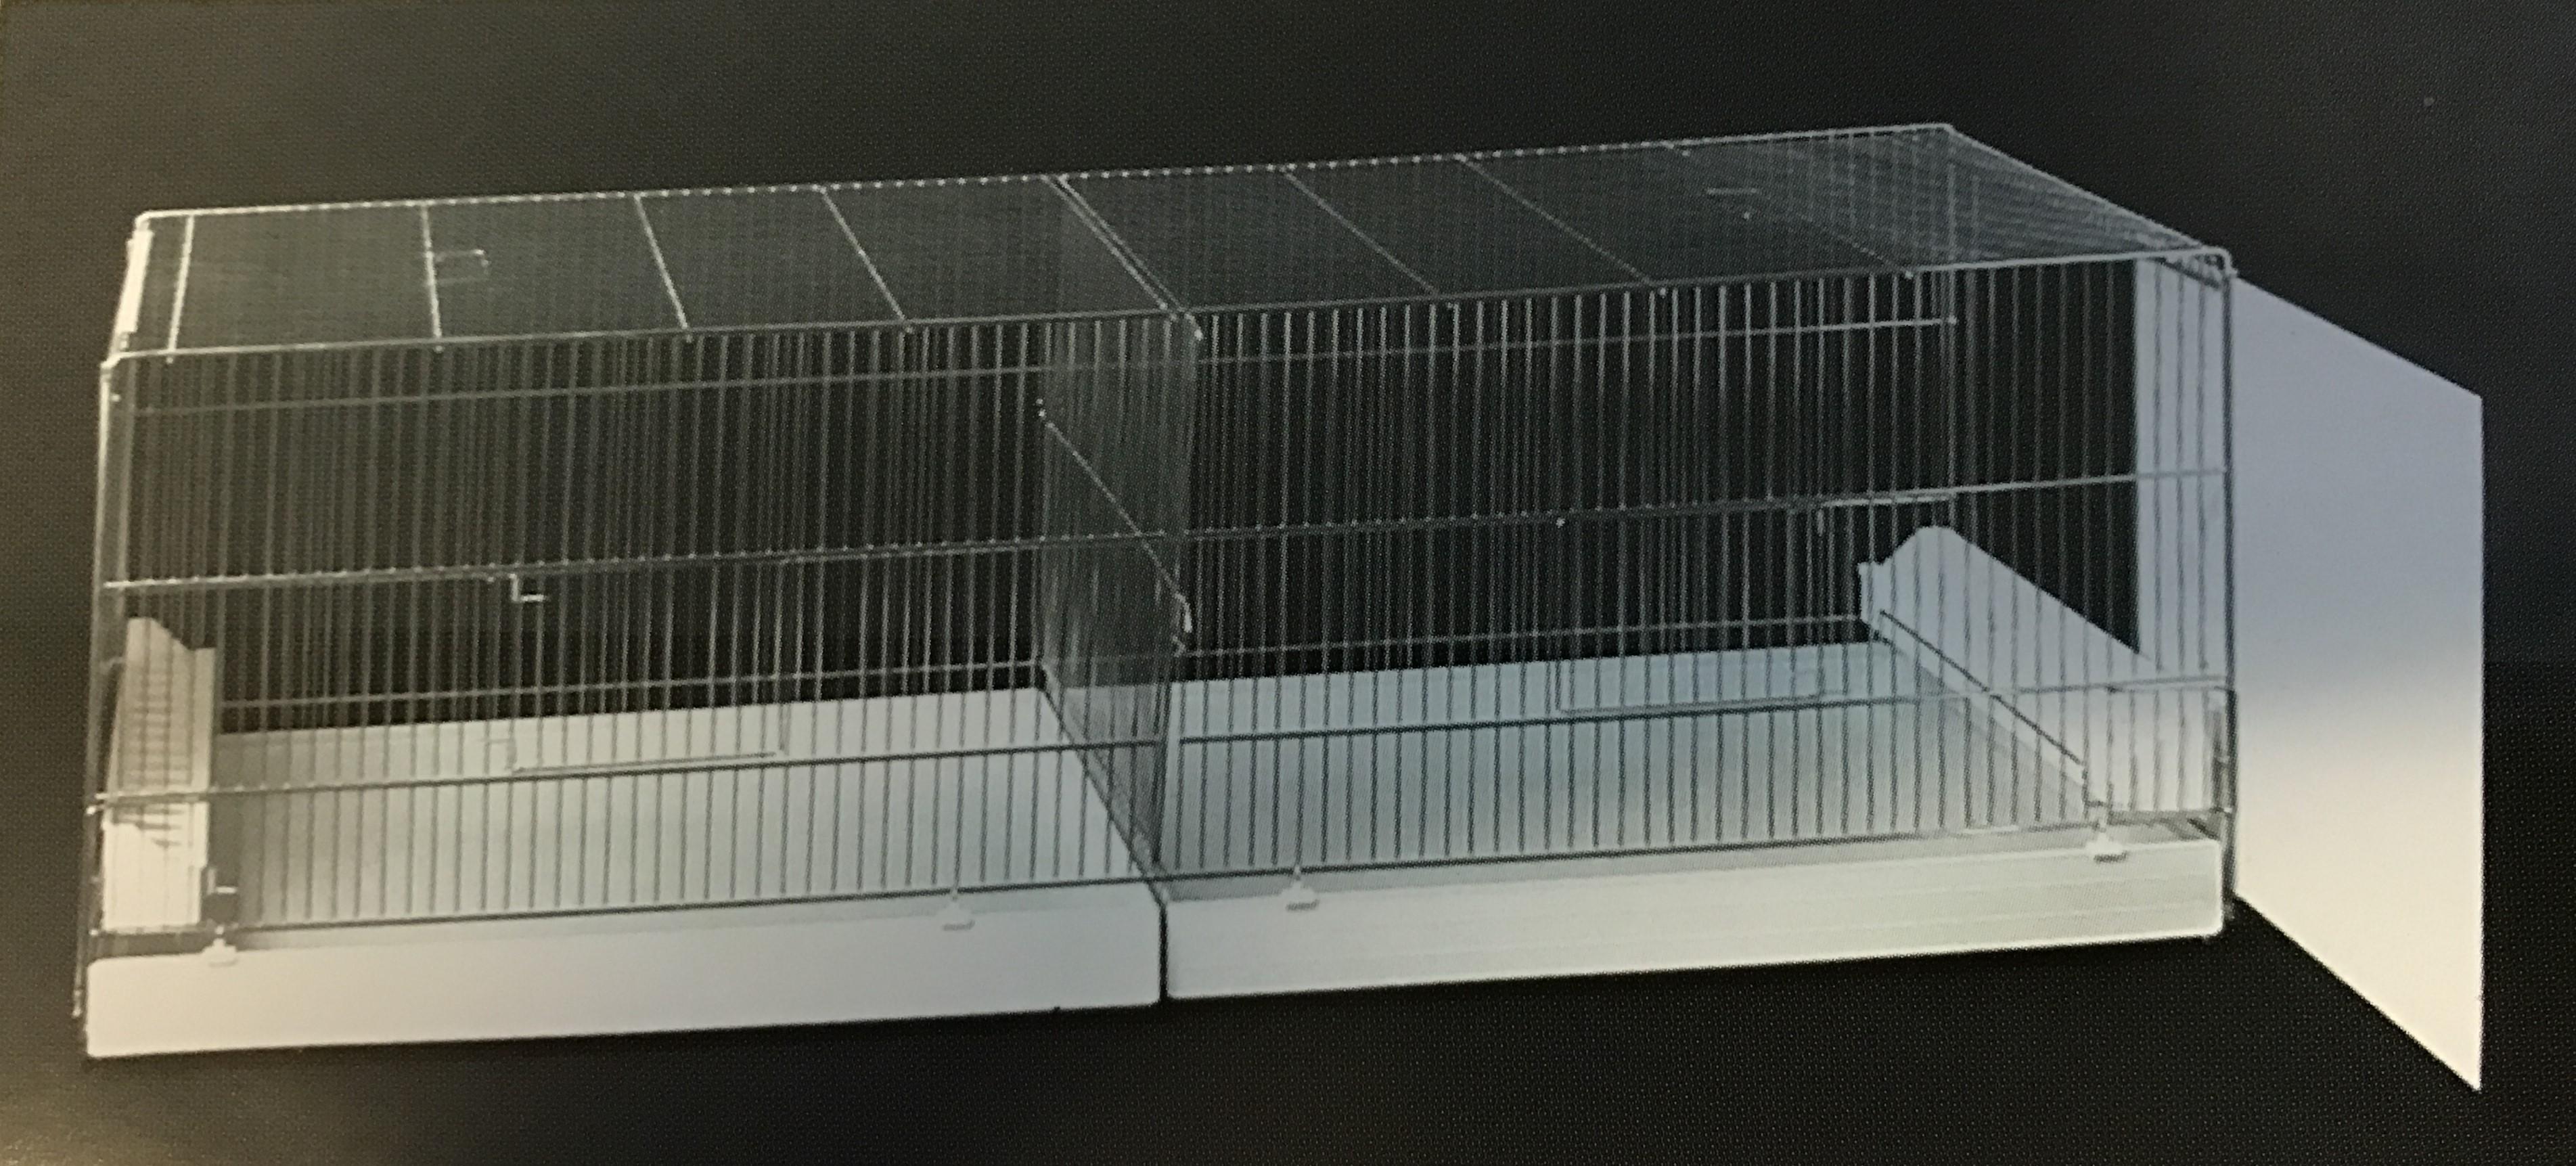 Uitvliegkooi Draadkooi met uitschuifbare zijkanten (120x50x44)